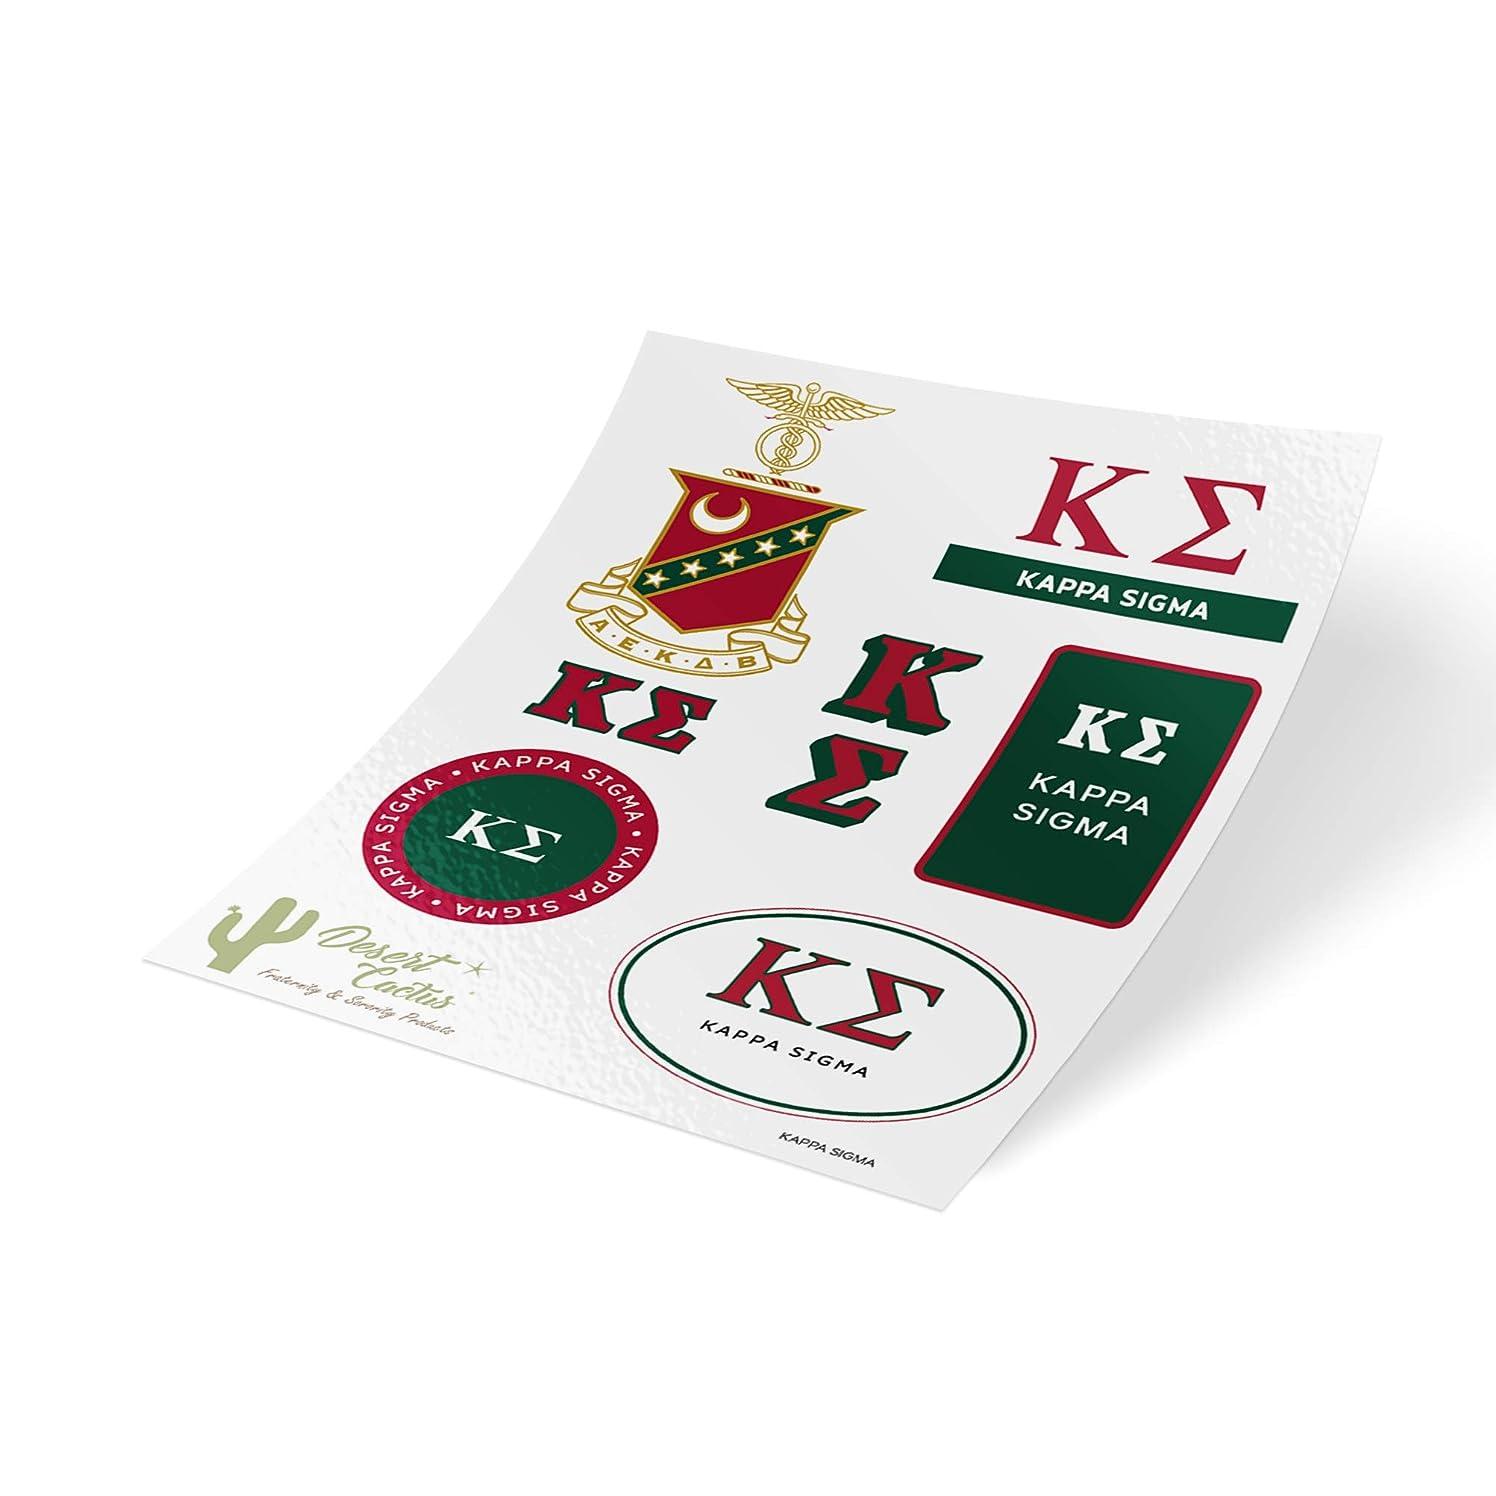 Kappa Sigma Standard Sticker Sheet Decal Laptop Water Bottle Car Kappa Sig (Full Sheet - Standard)